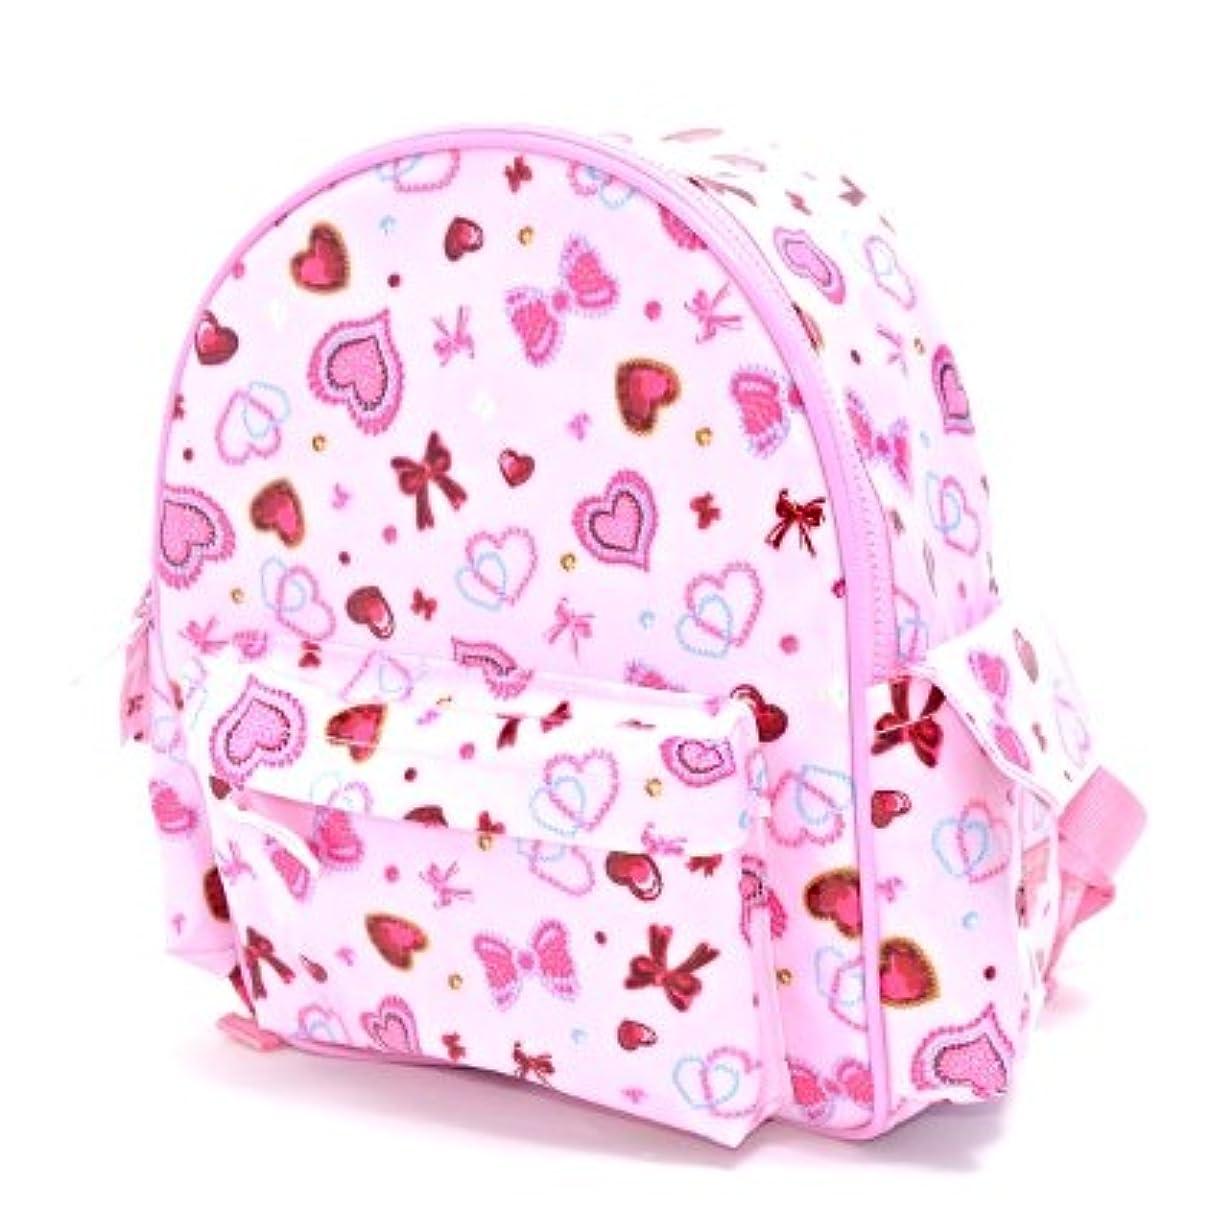 経済的おじいちゃん謝罪する通園リュック ハートとリボンのきらきらビューティー(ピンク) 入園グッズ 幼稚園バッグ 保育園バッグ